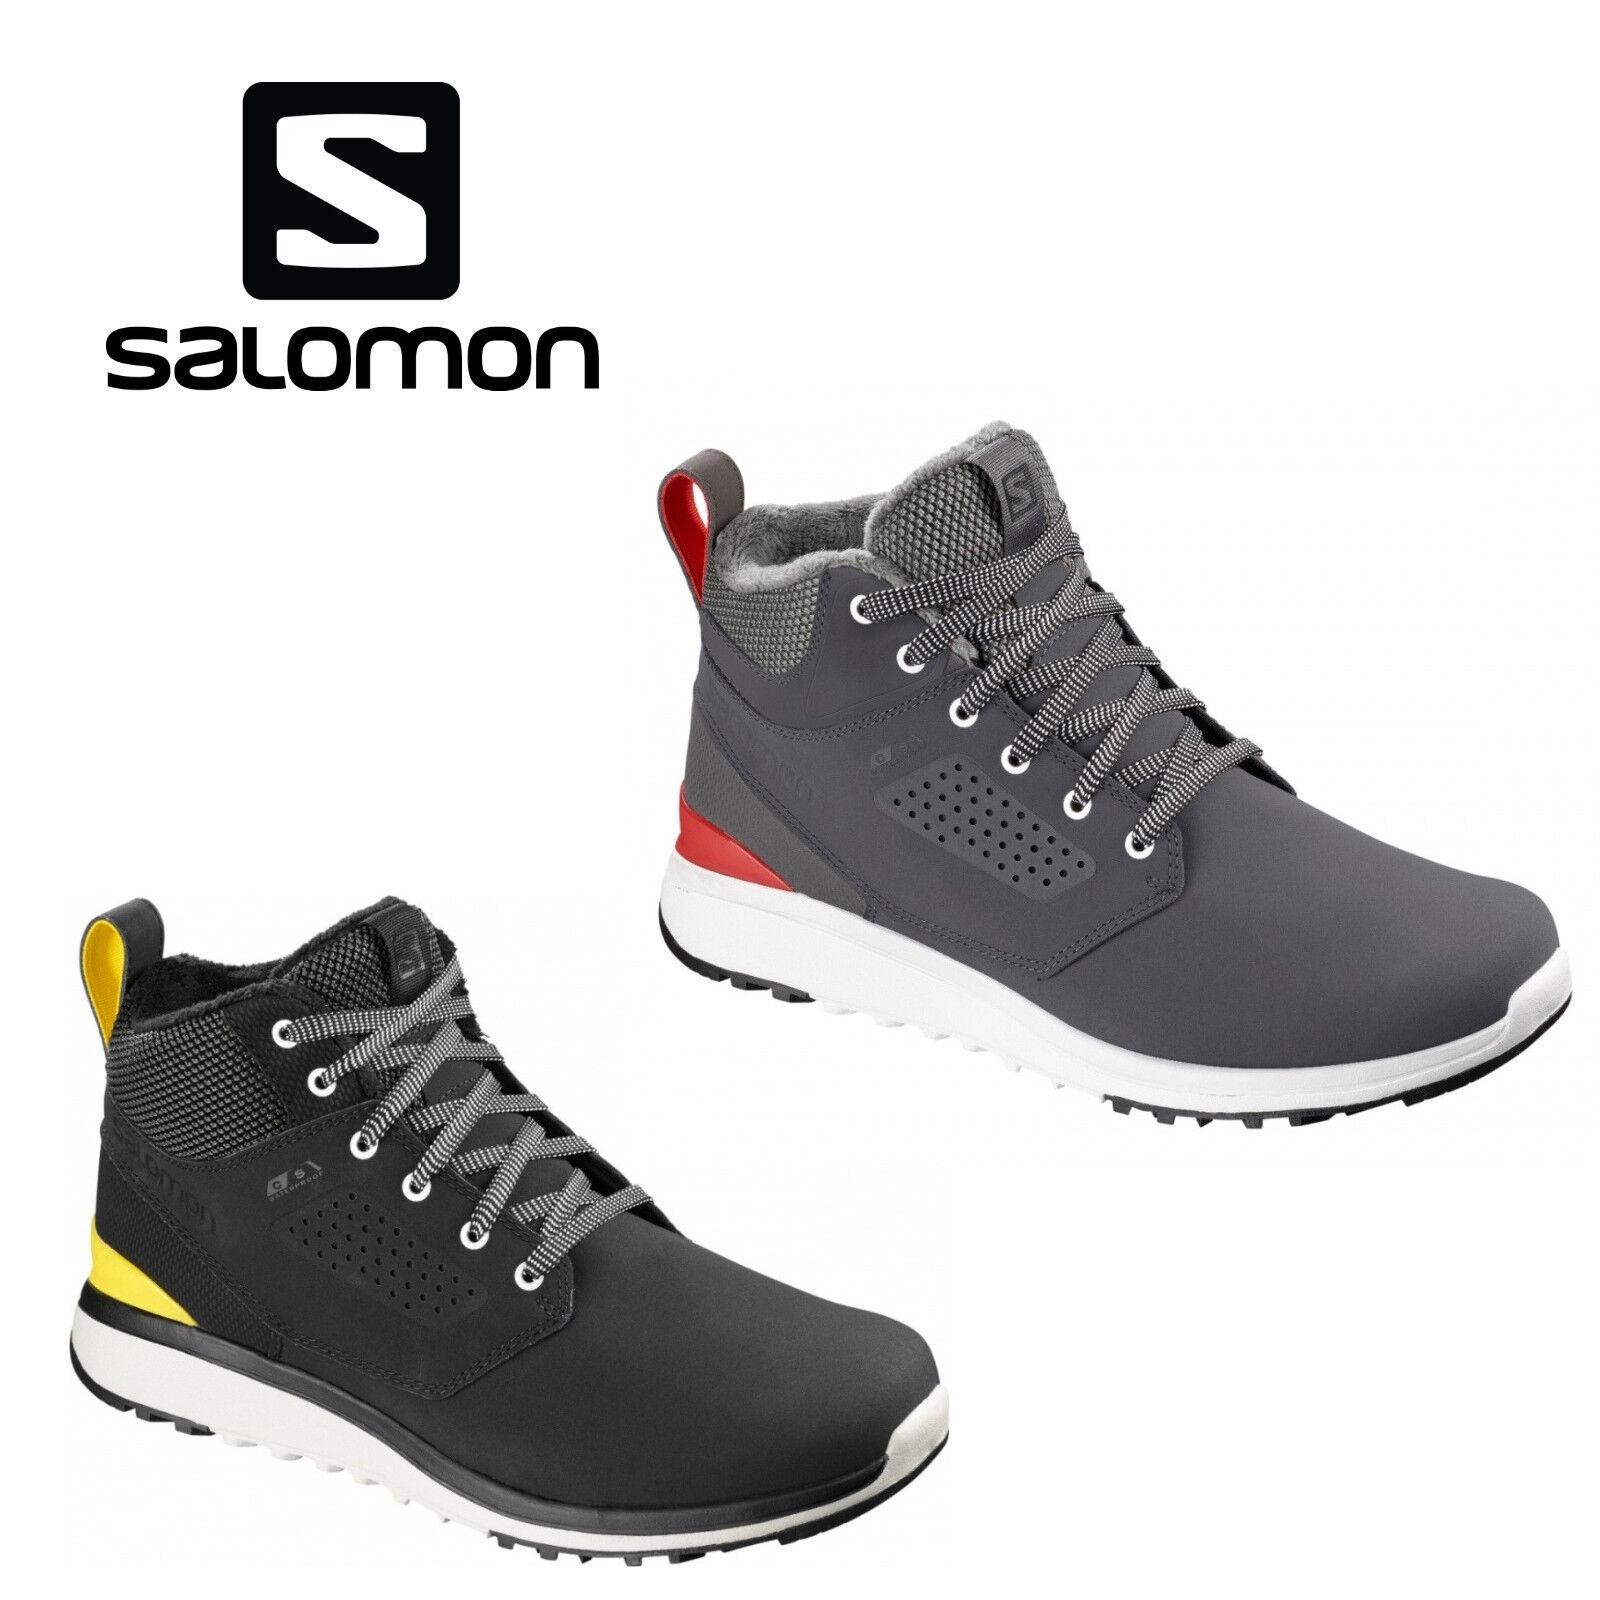 SALOMON SALOMON SALOMON Utility Freeze CS WP Winterschuhe Wanderschuhe Schwarz / Grau 18/19 df031f